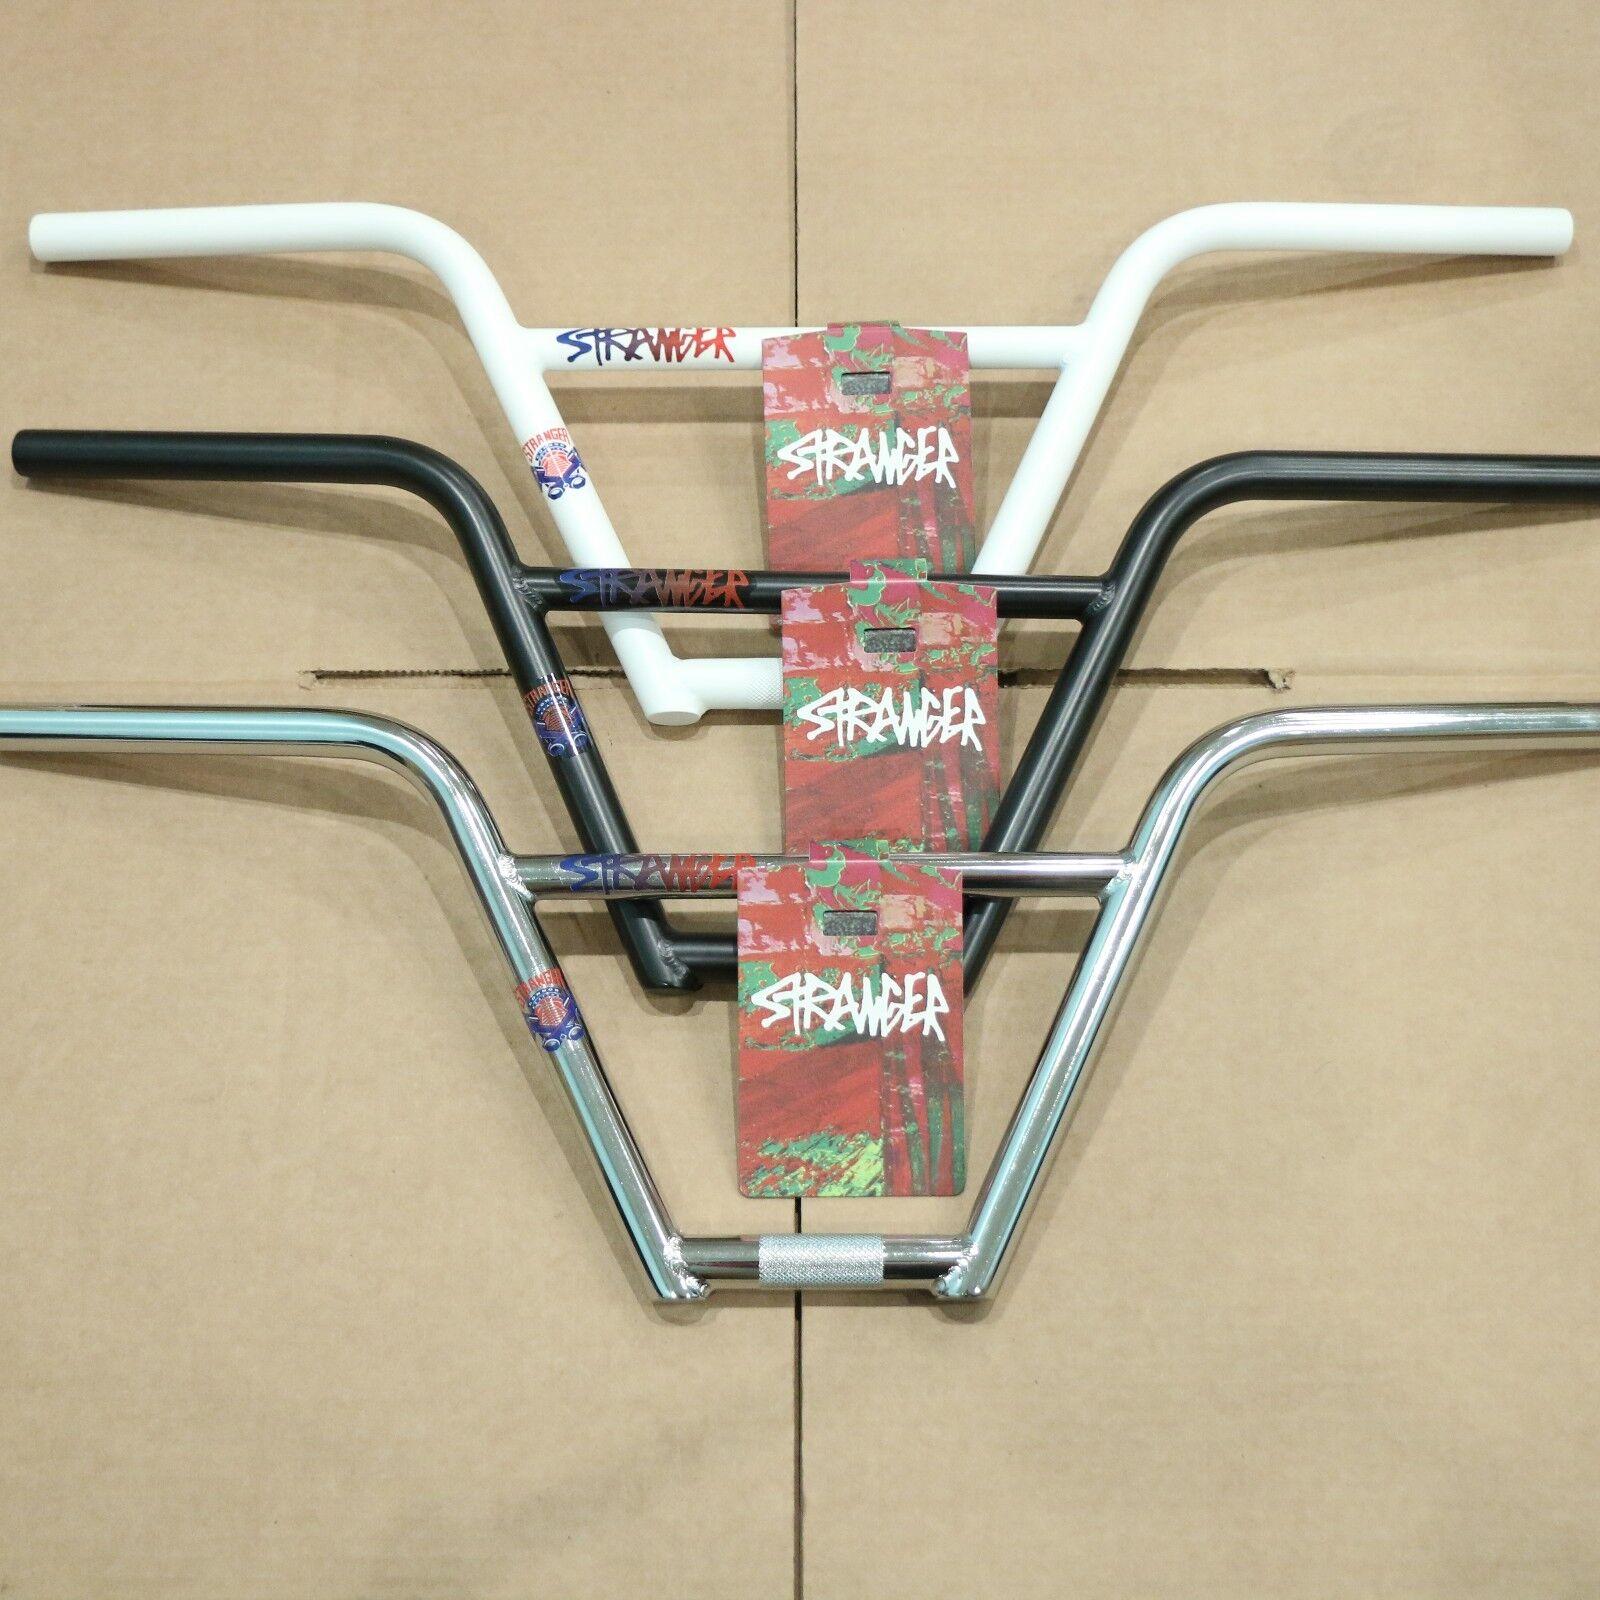 STRANGER PISTON 4pc BAR  9.25  Rise BMX BIKE HANDLEBARS CONNOR KEATING  shop online